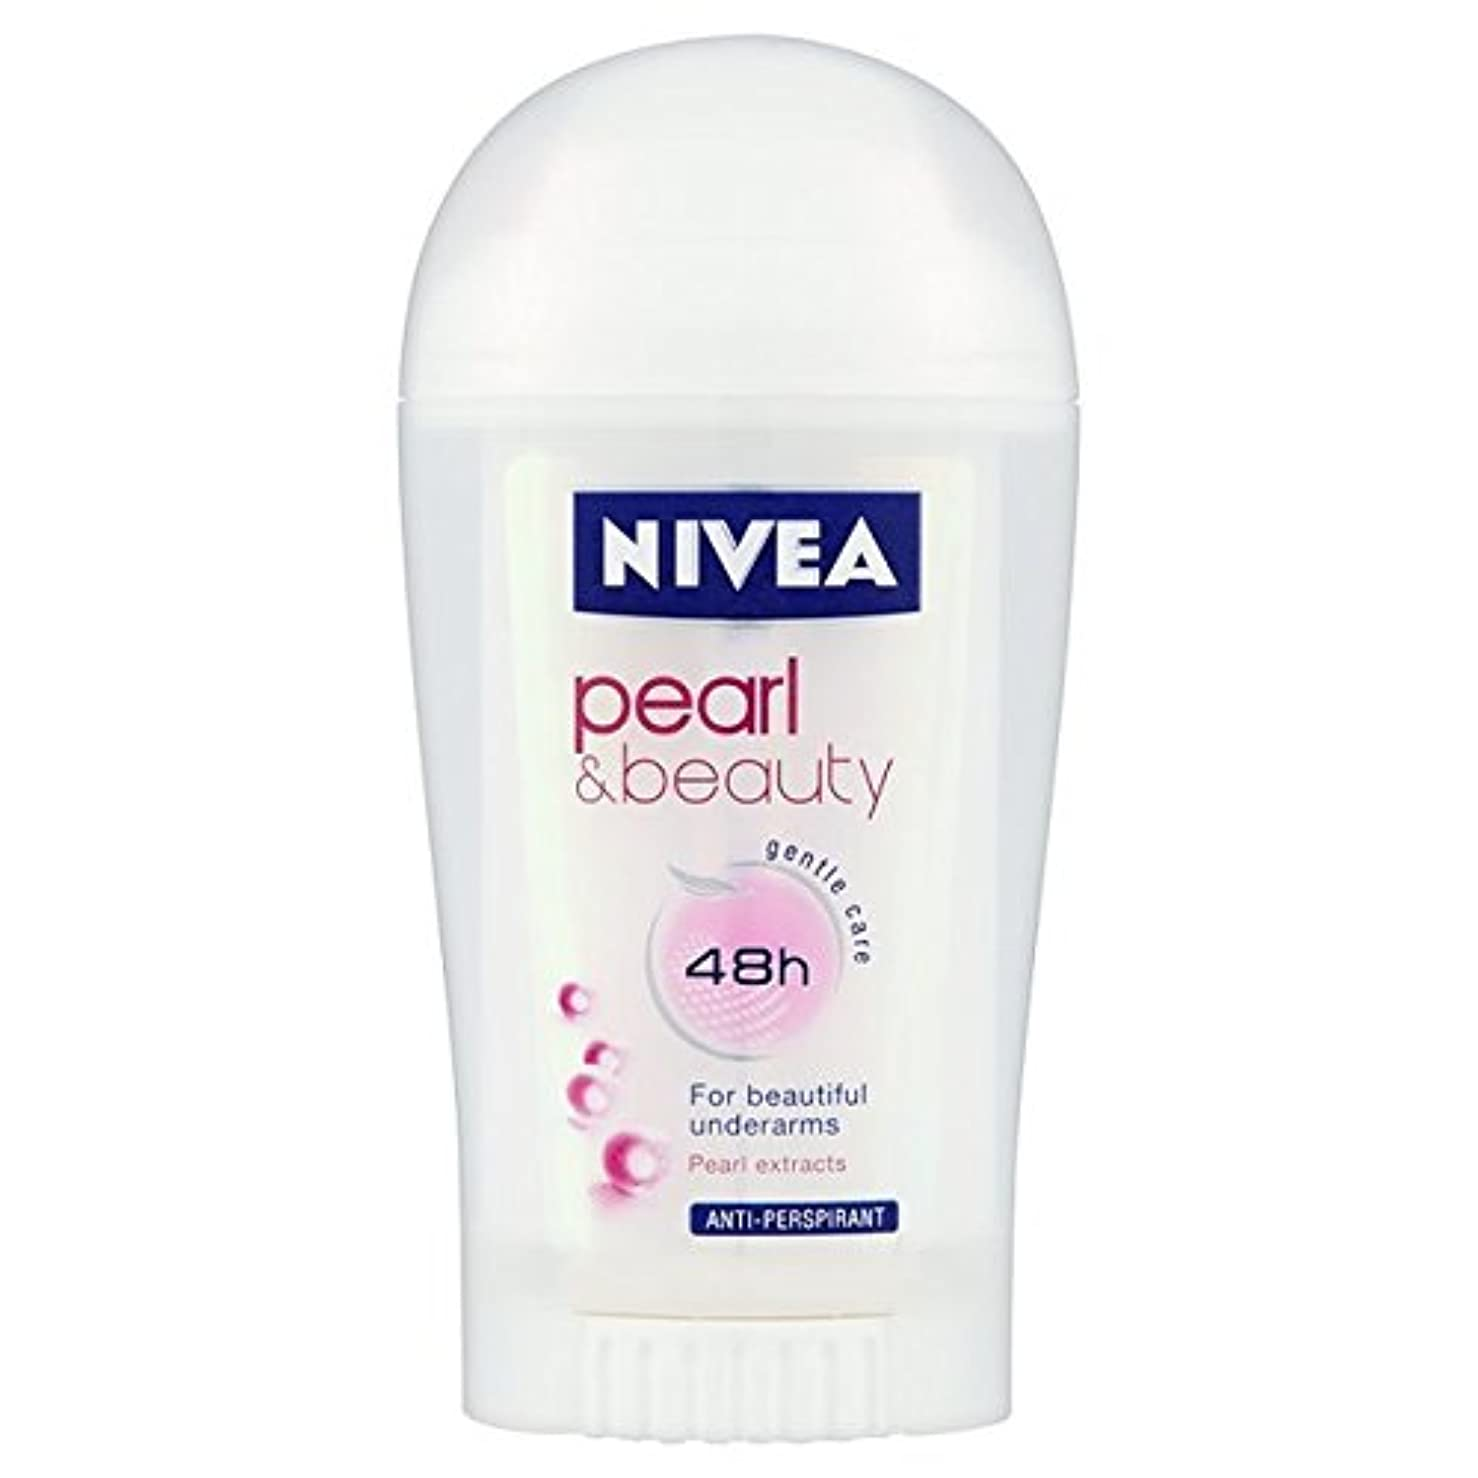 ルネッサンス自明オリエンタルニベア真珠&ビューティー制汗デオドラントスティック40ミリリットル x2 - Nivea Pearl & Beauty Anti-Perspirant Deodorant Stick 40ml (Pack of 2) [...